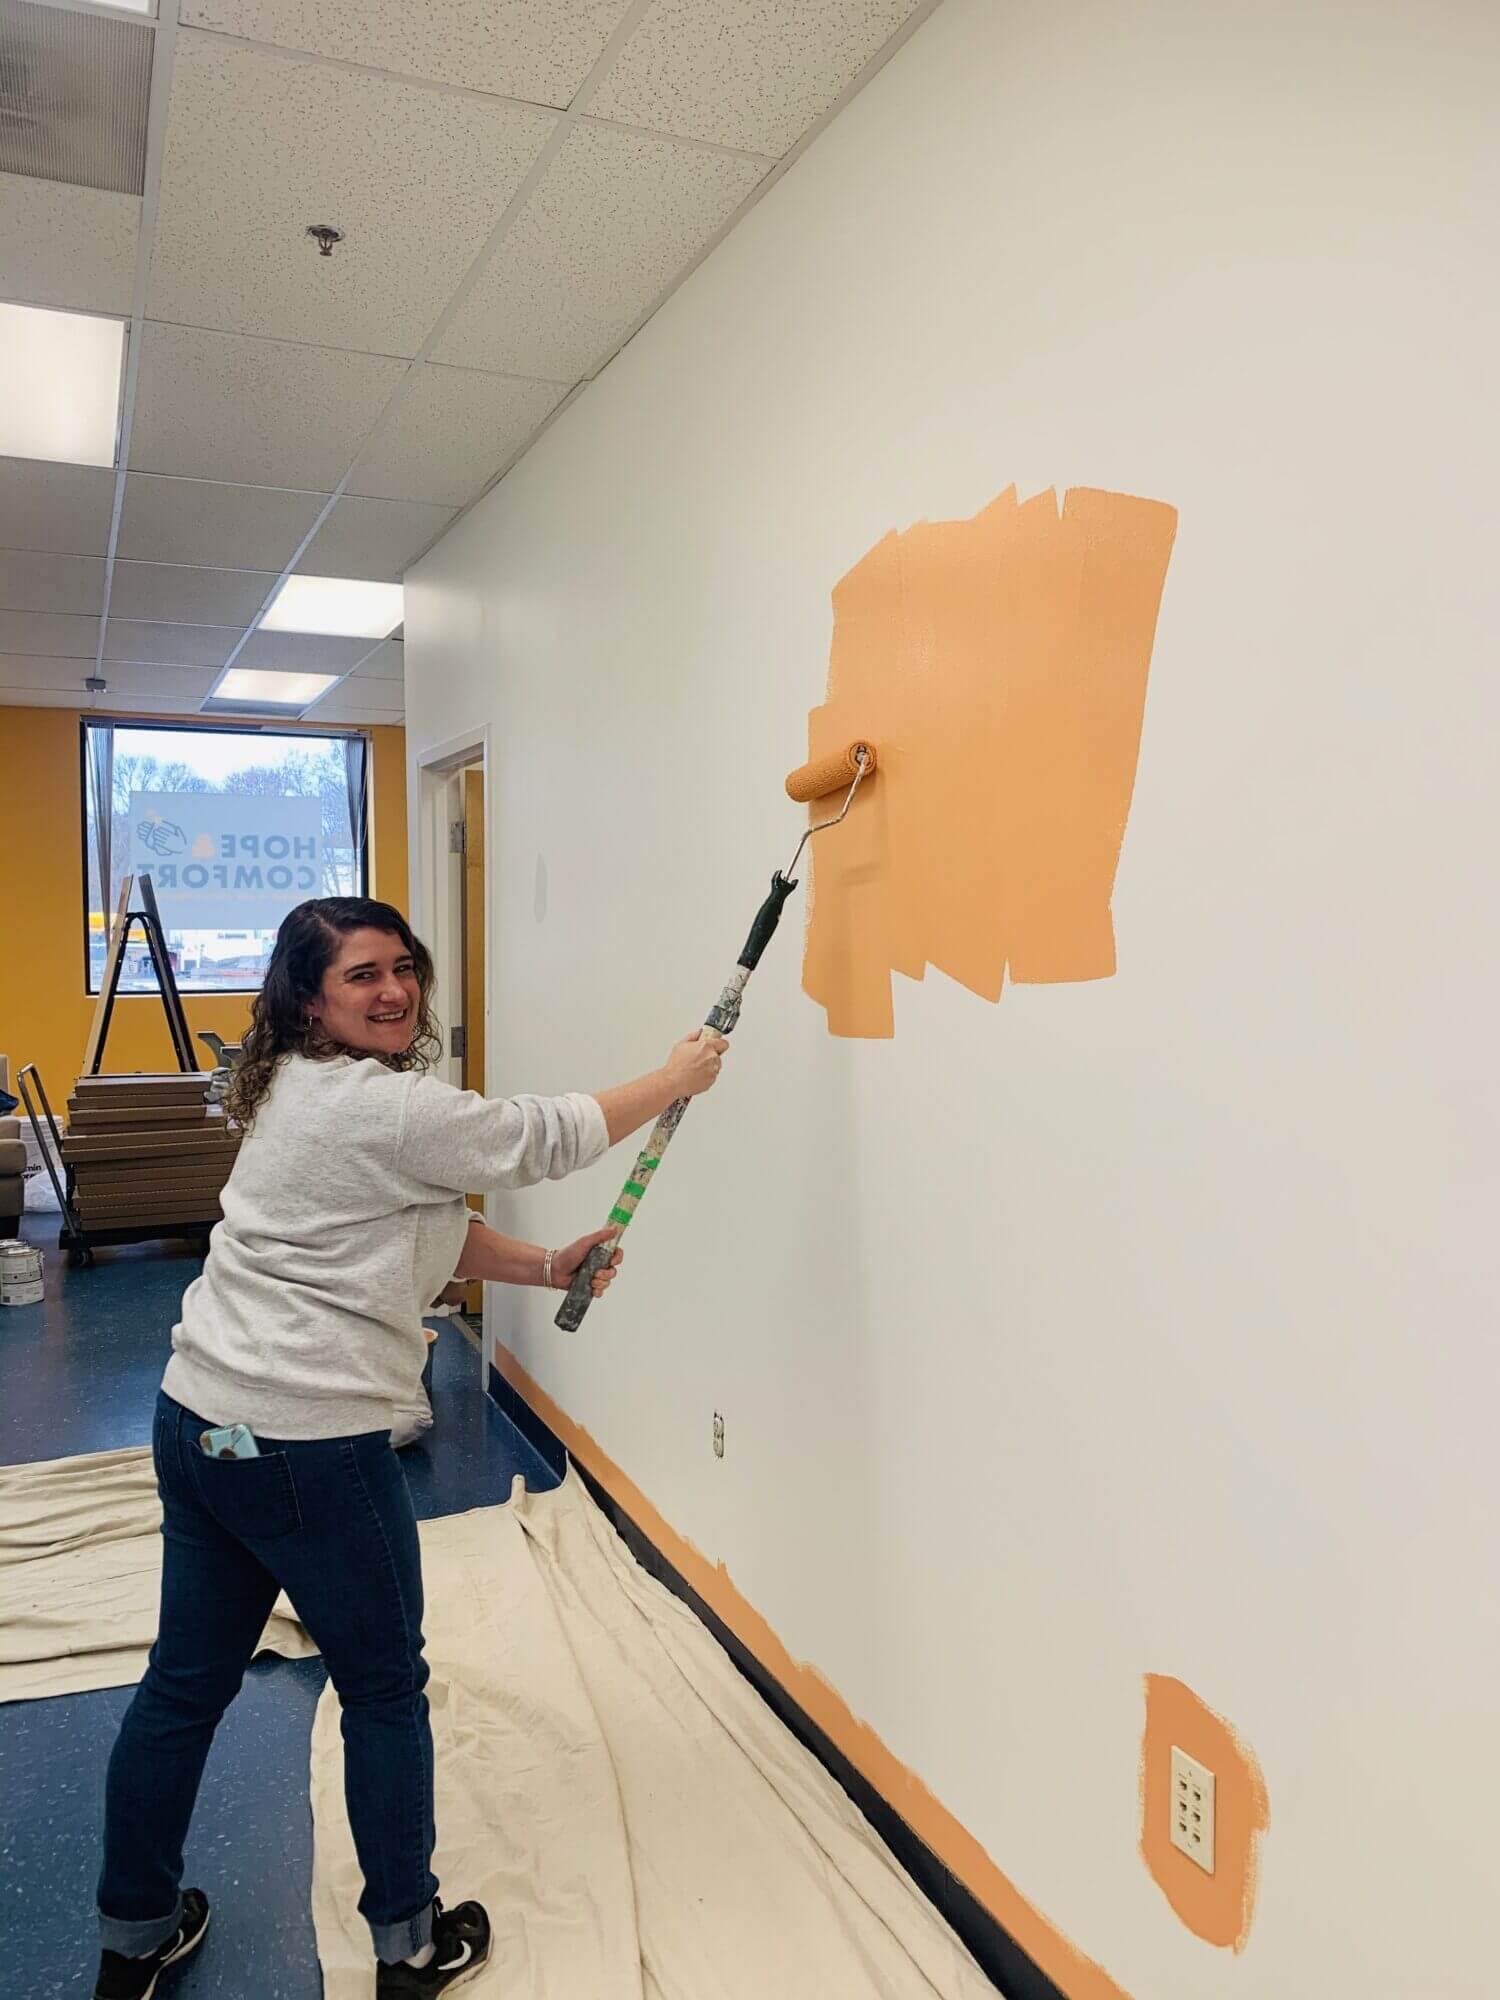 Repainting the walls at Hope & Comfort